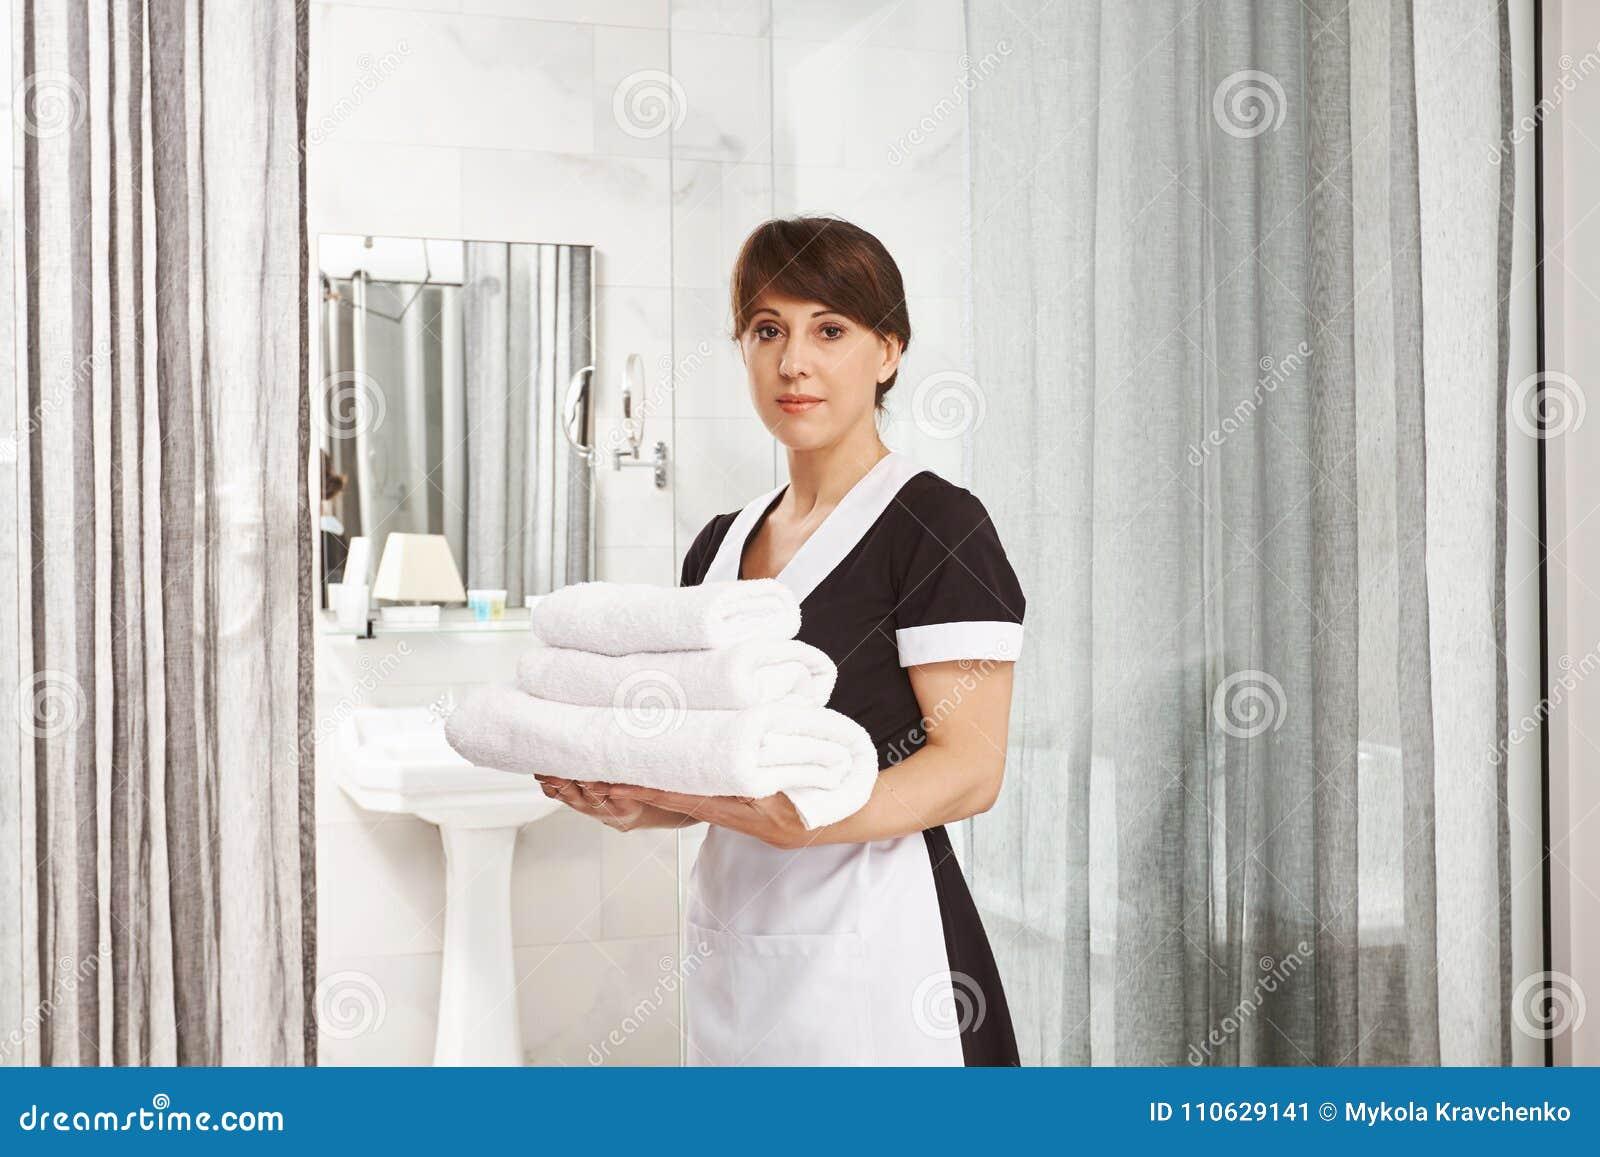 Sir, pondré las toallas adicionales en cuarto de baño El retrato de la mujer en la situación uniforme de la criada con las toalla